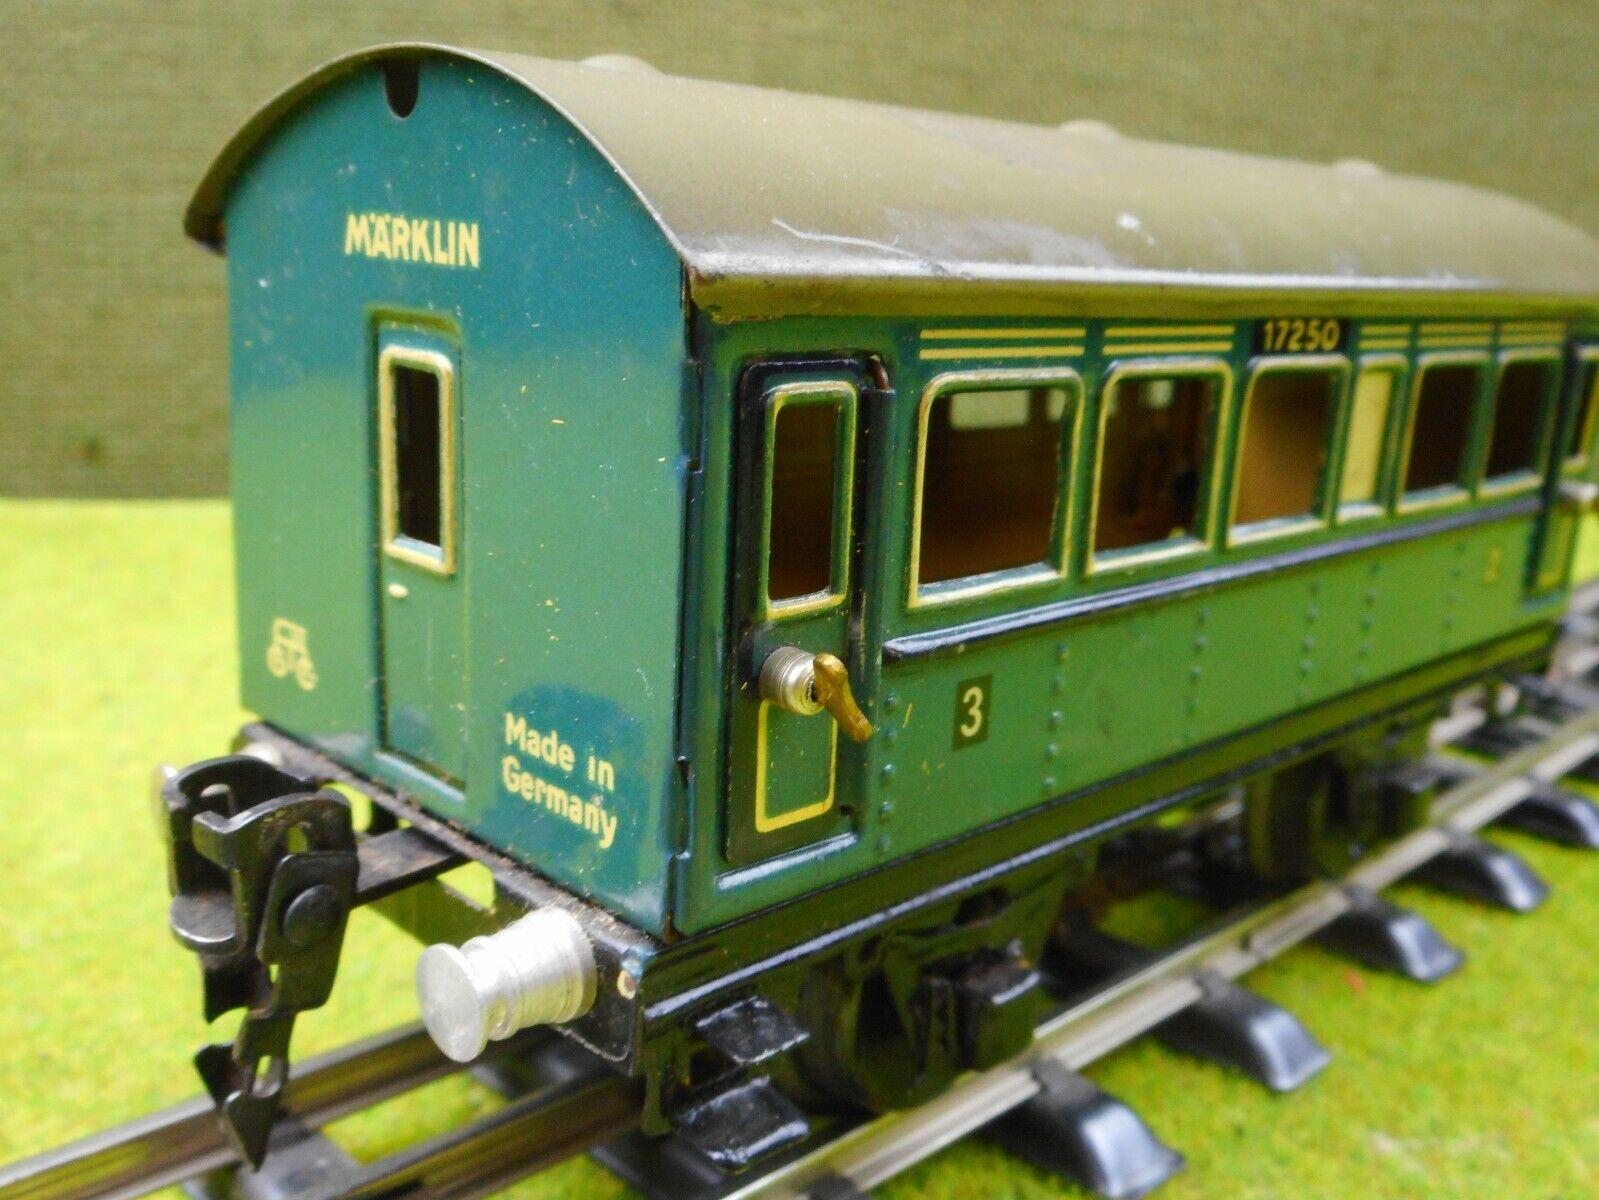 D14 Märklin pista 0 vehículos implicados 17250 blu verde 2. 3. clase chapa